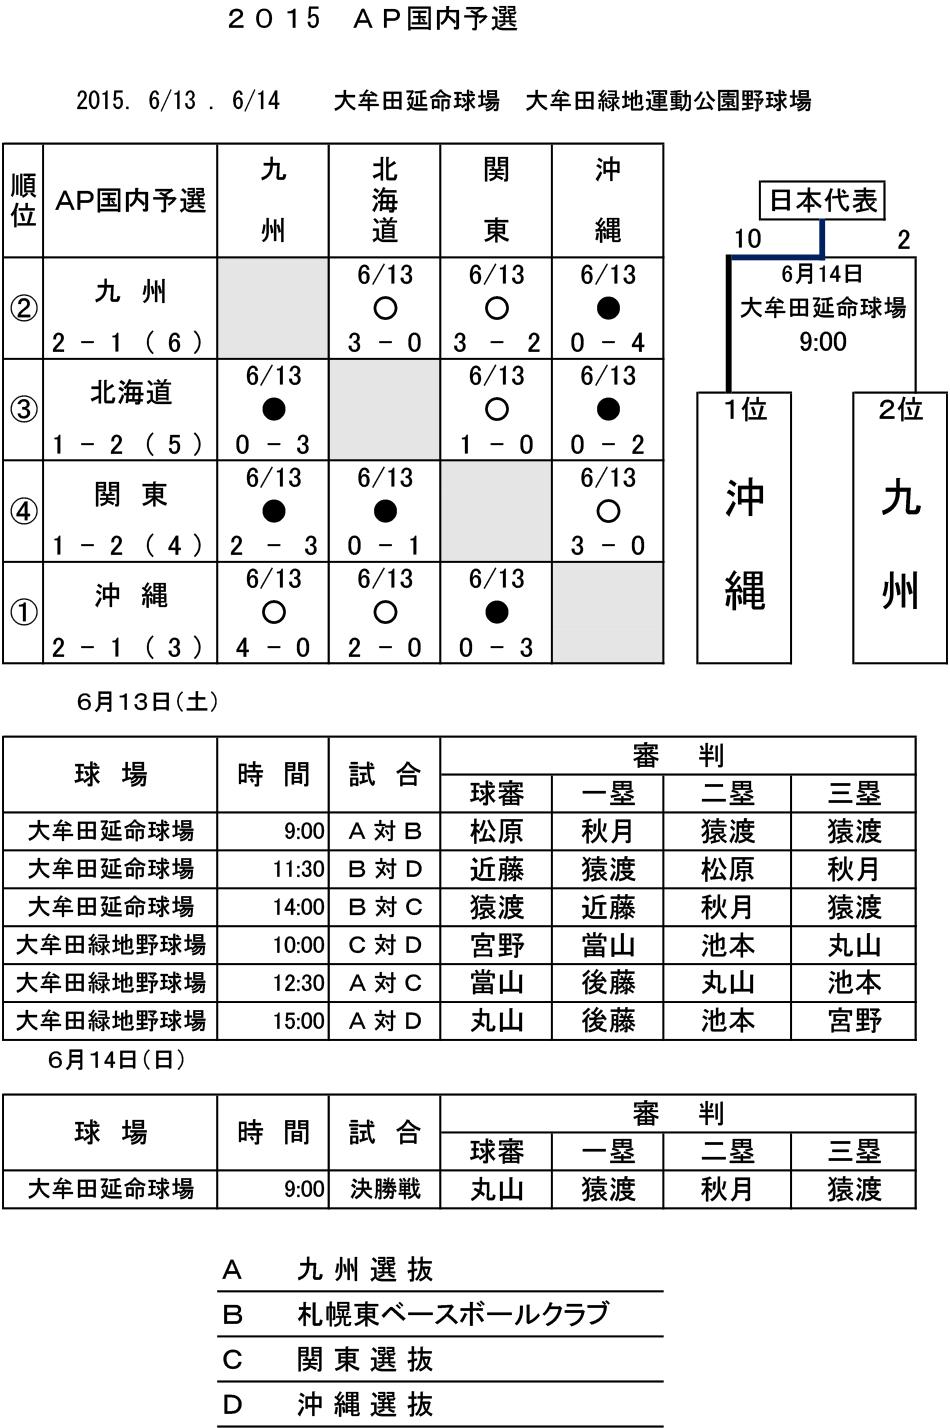 2015APポニー国内予選-(九州)